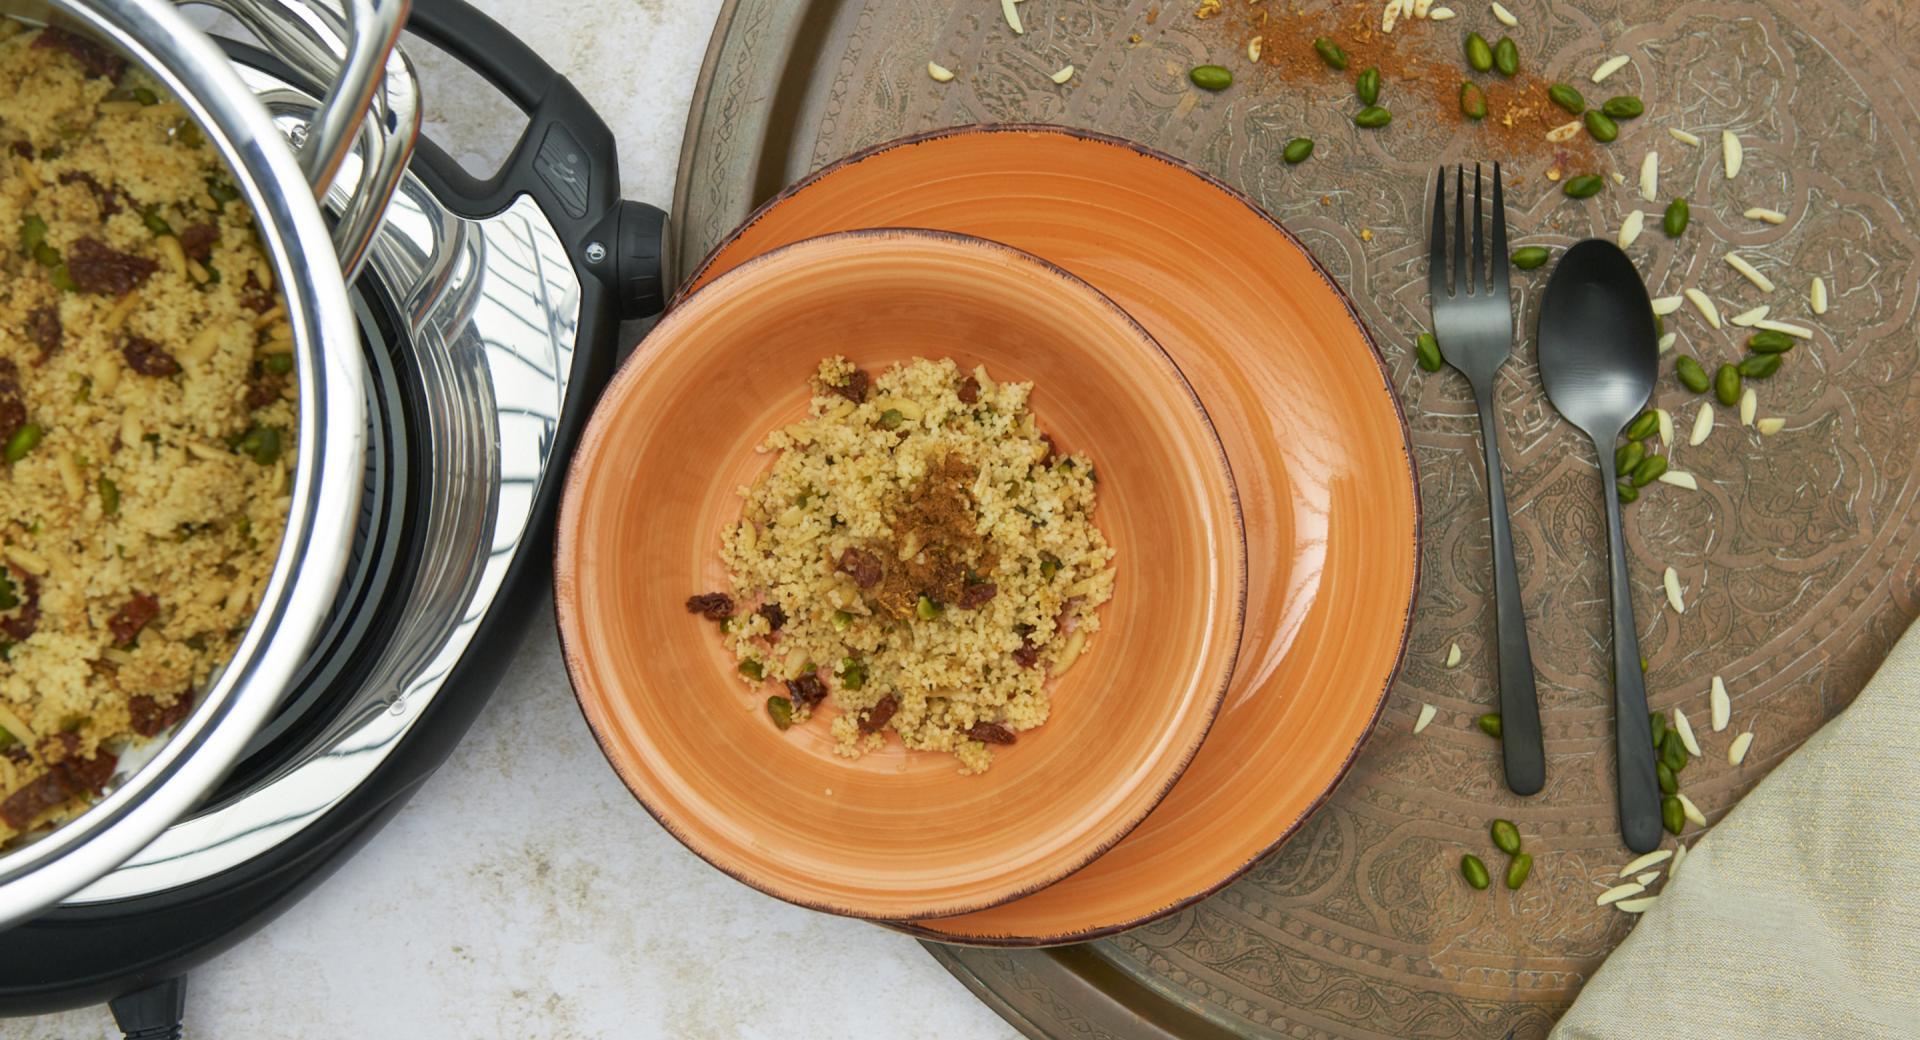 Spice couscous